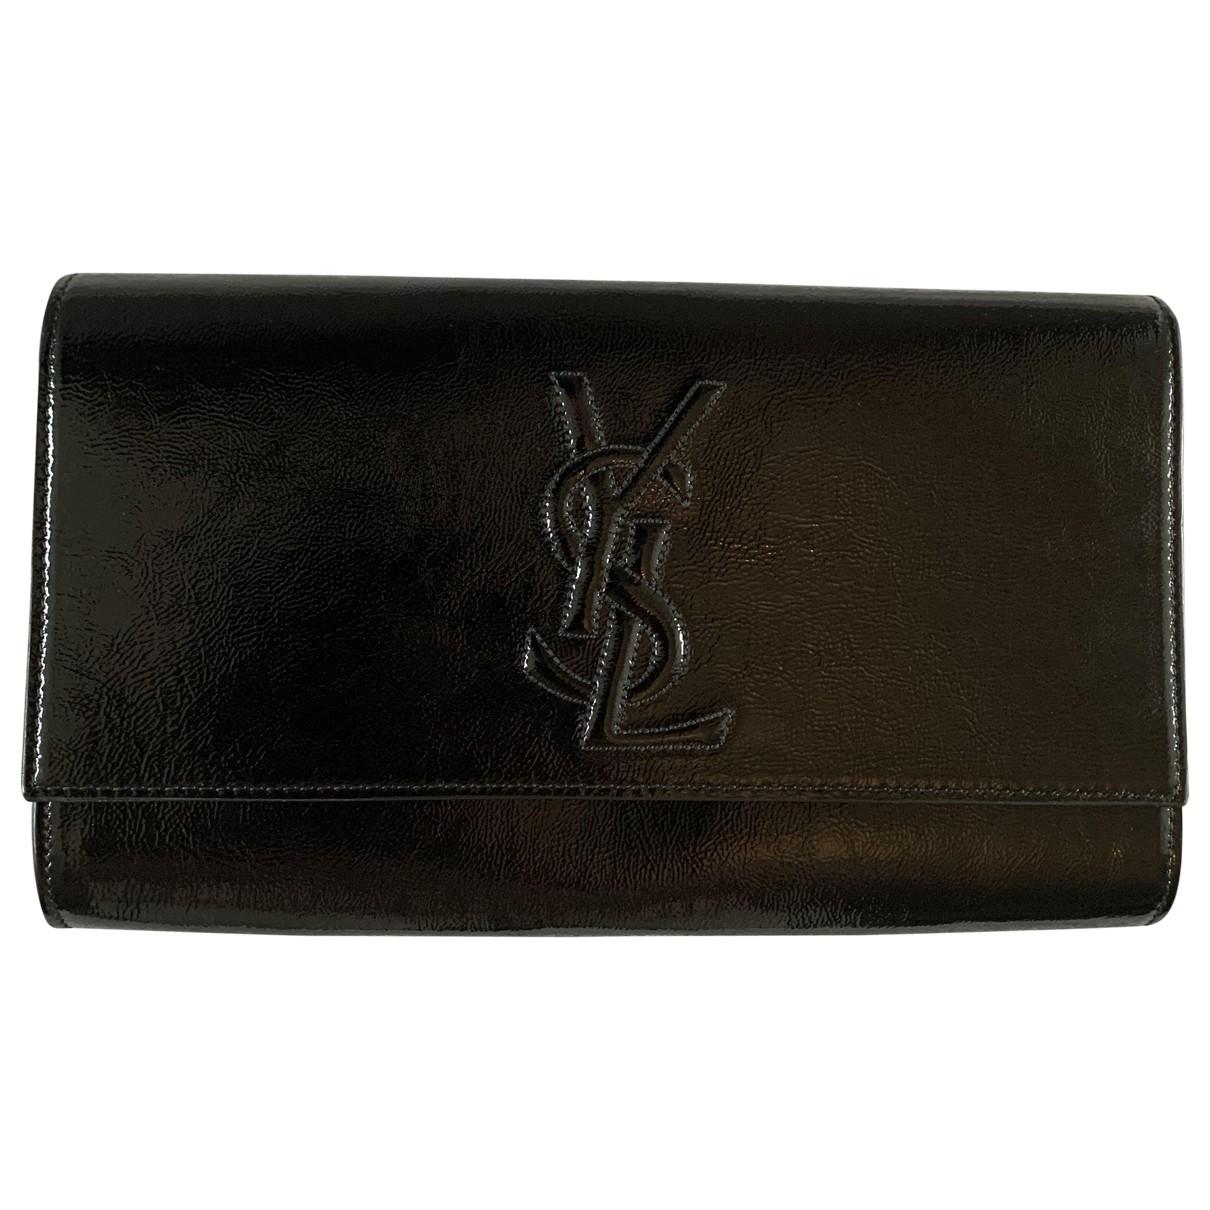 Yves Saint Laurent Belle de Jour Black Patent leather Clutch bag for Women \N